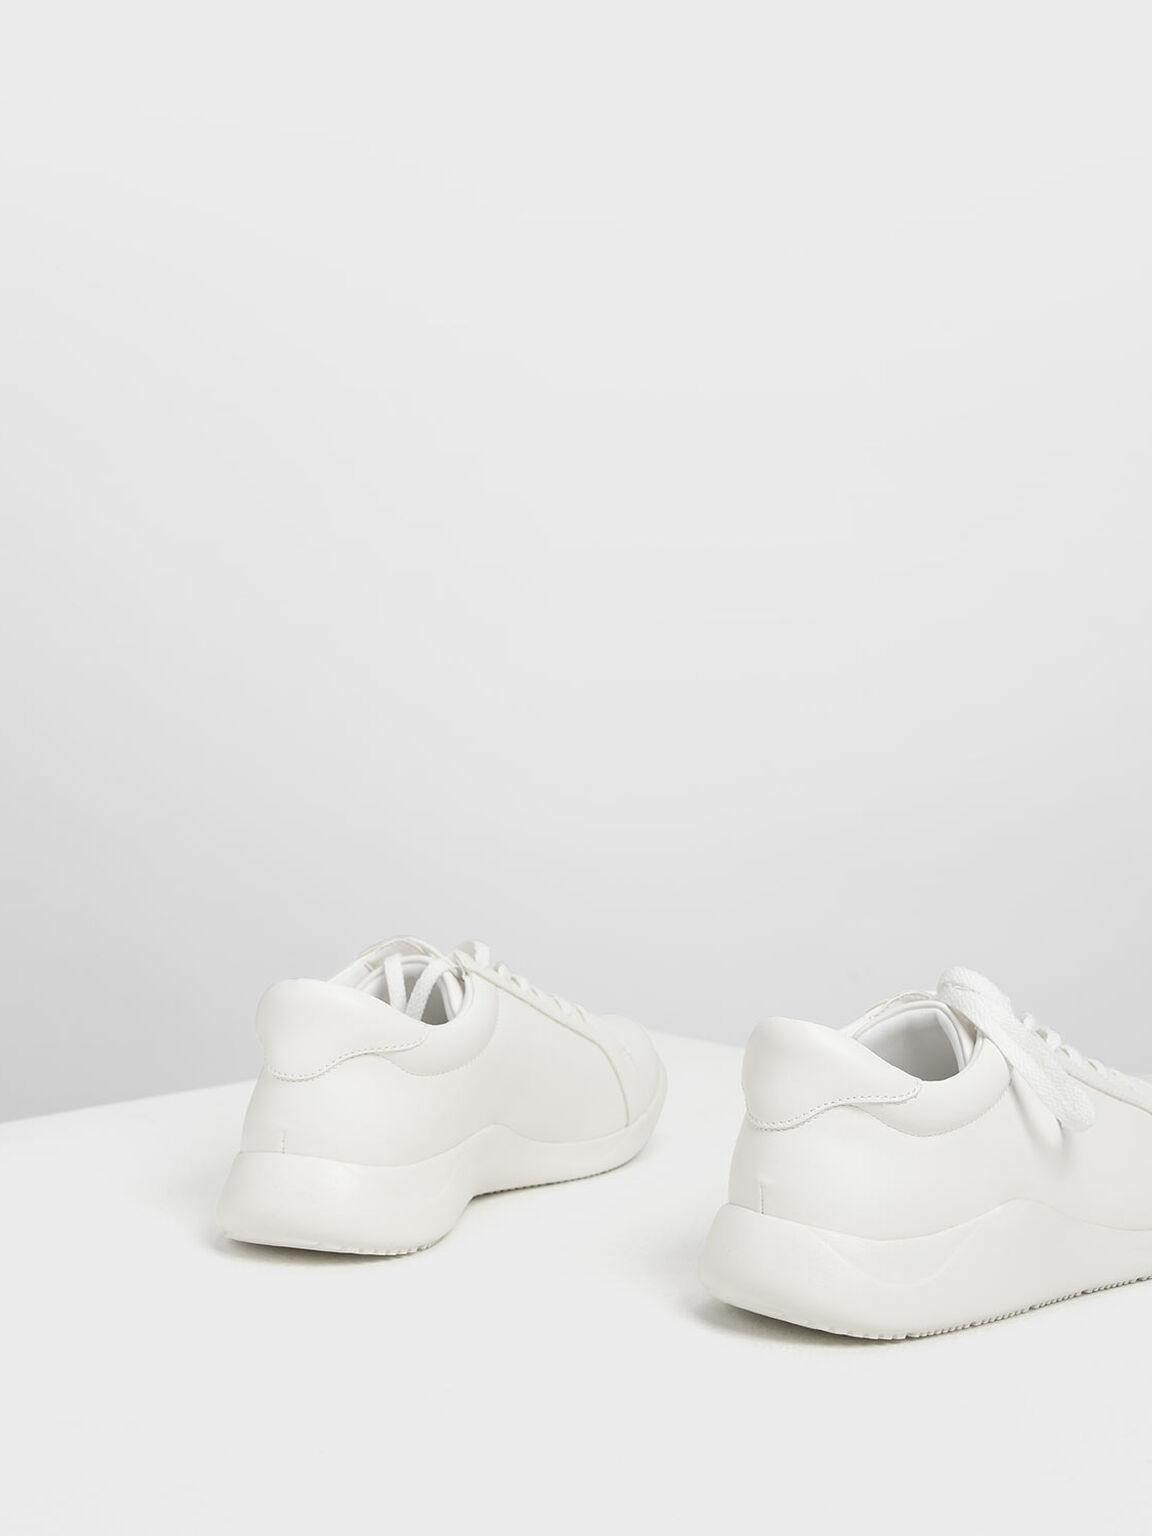 White Sneakers, White, hi-res